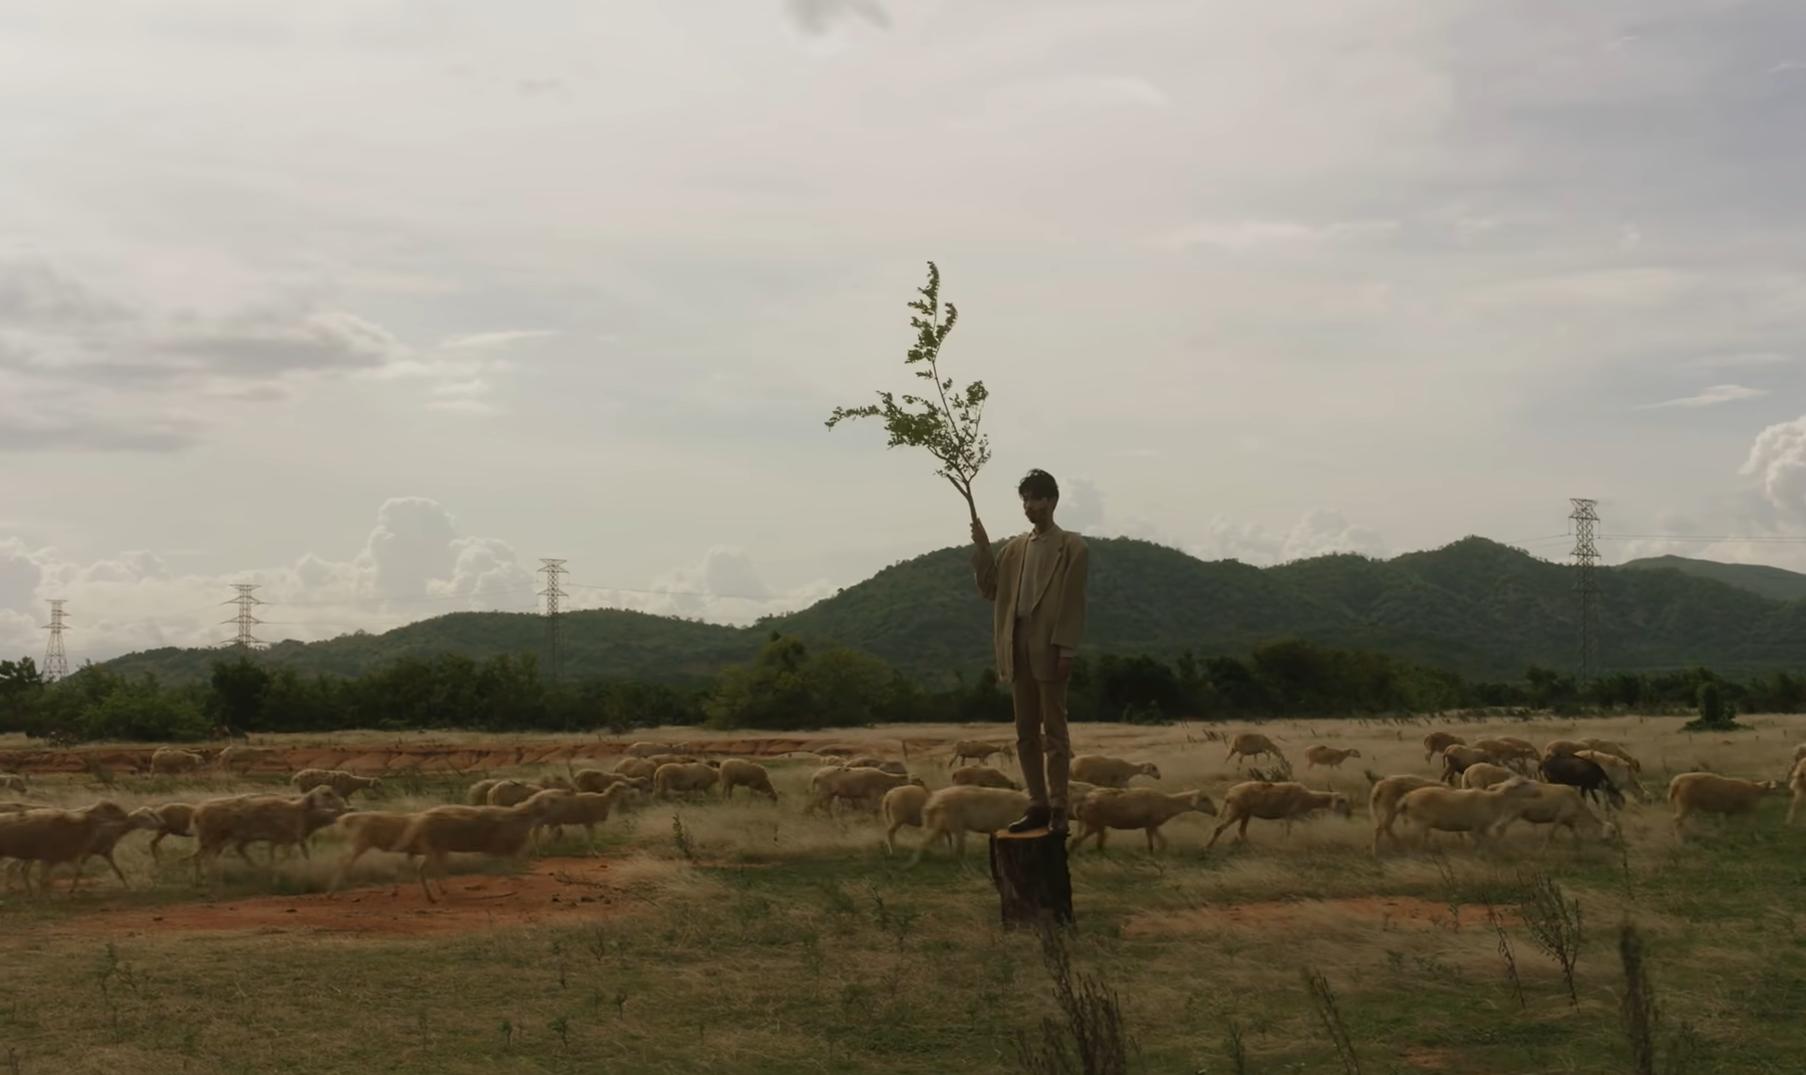 """Khám phá đồng cỏ đẹp như thảo nguyên trong MV """"Trốn tìm"""" của Đen Vâu - 2"""